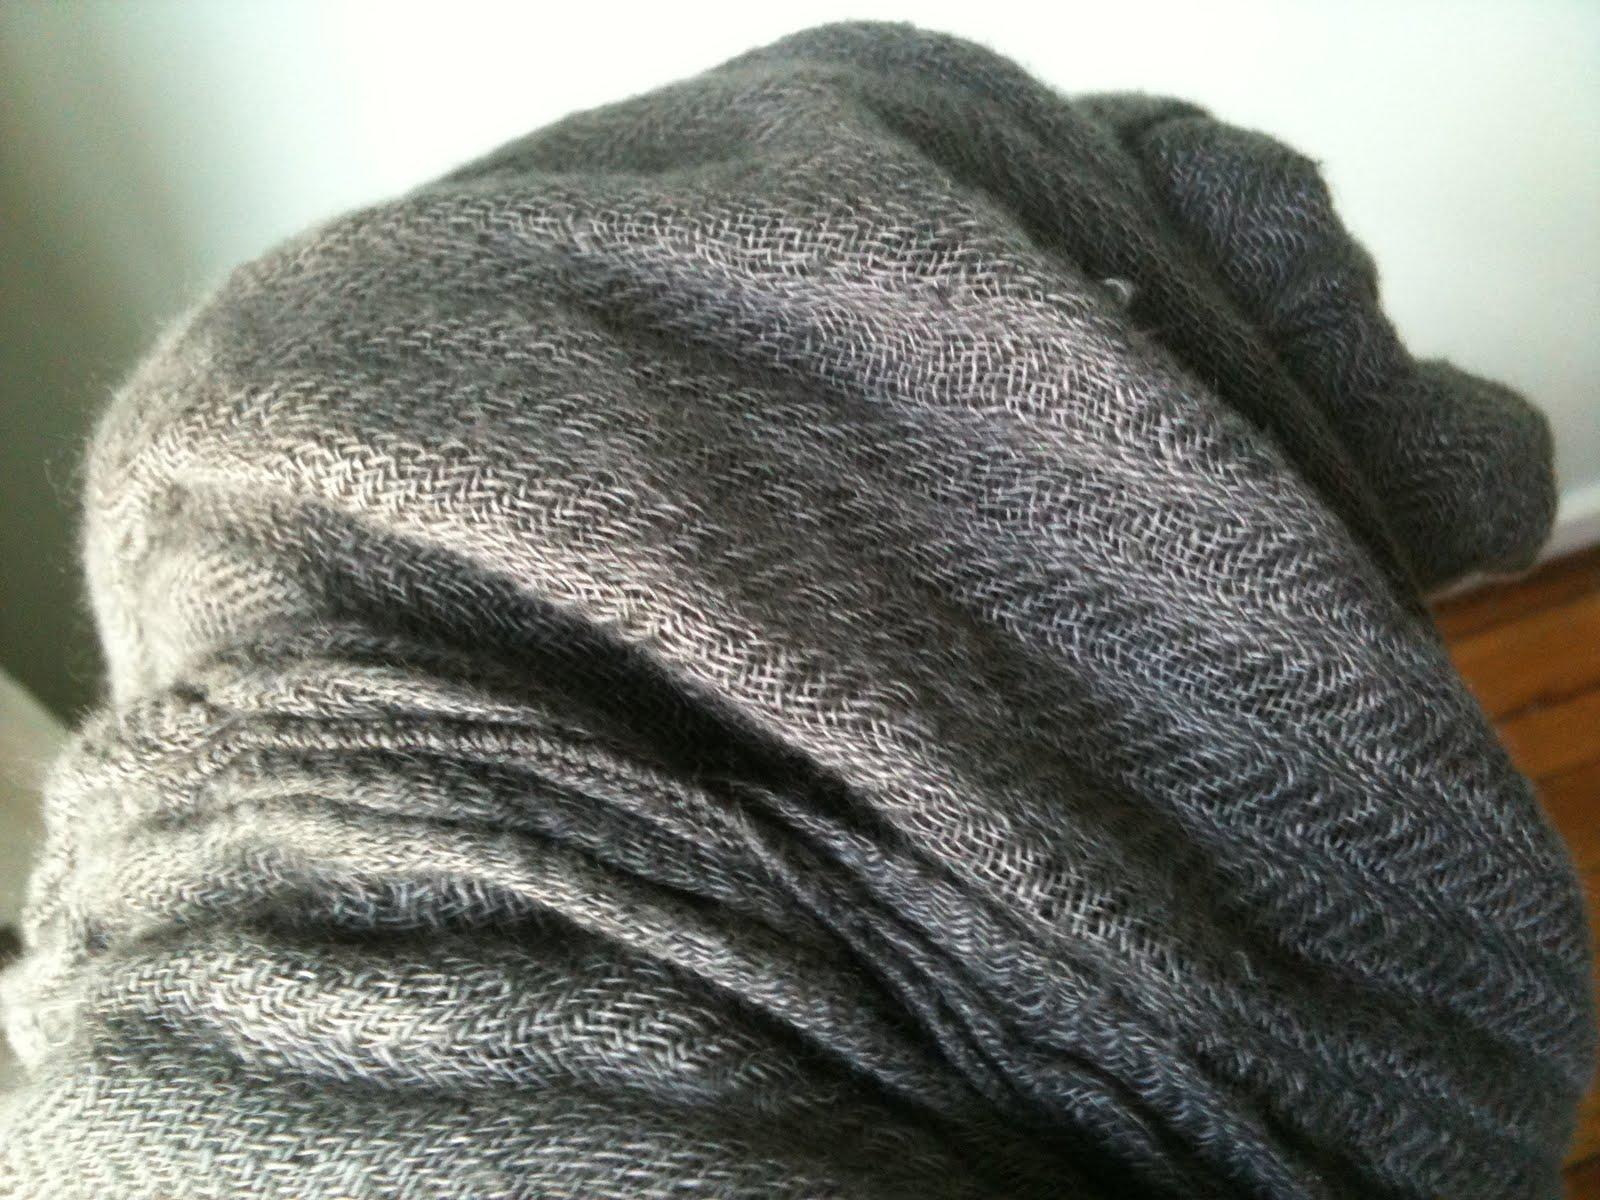 A Quelle Temperature Laver Le Lin comment laver nettoyer le lin ? entretien